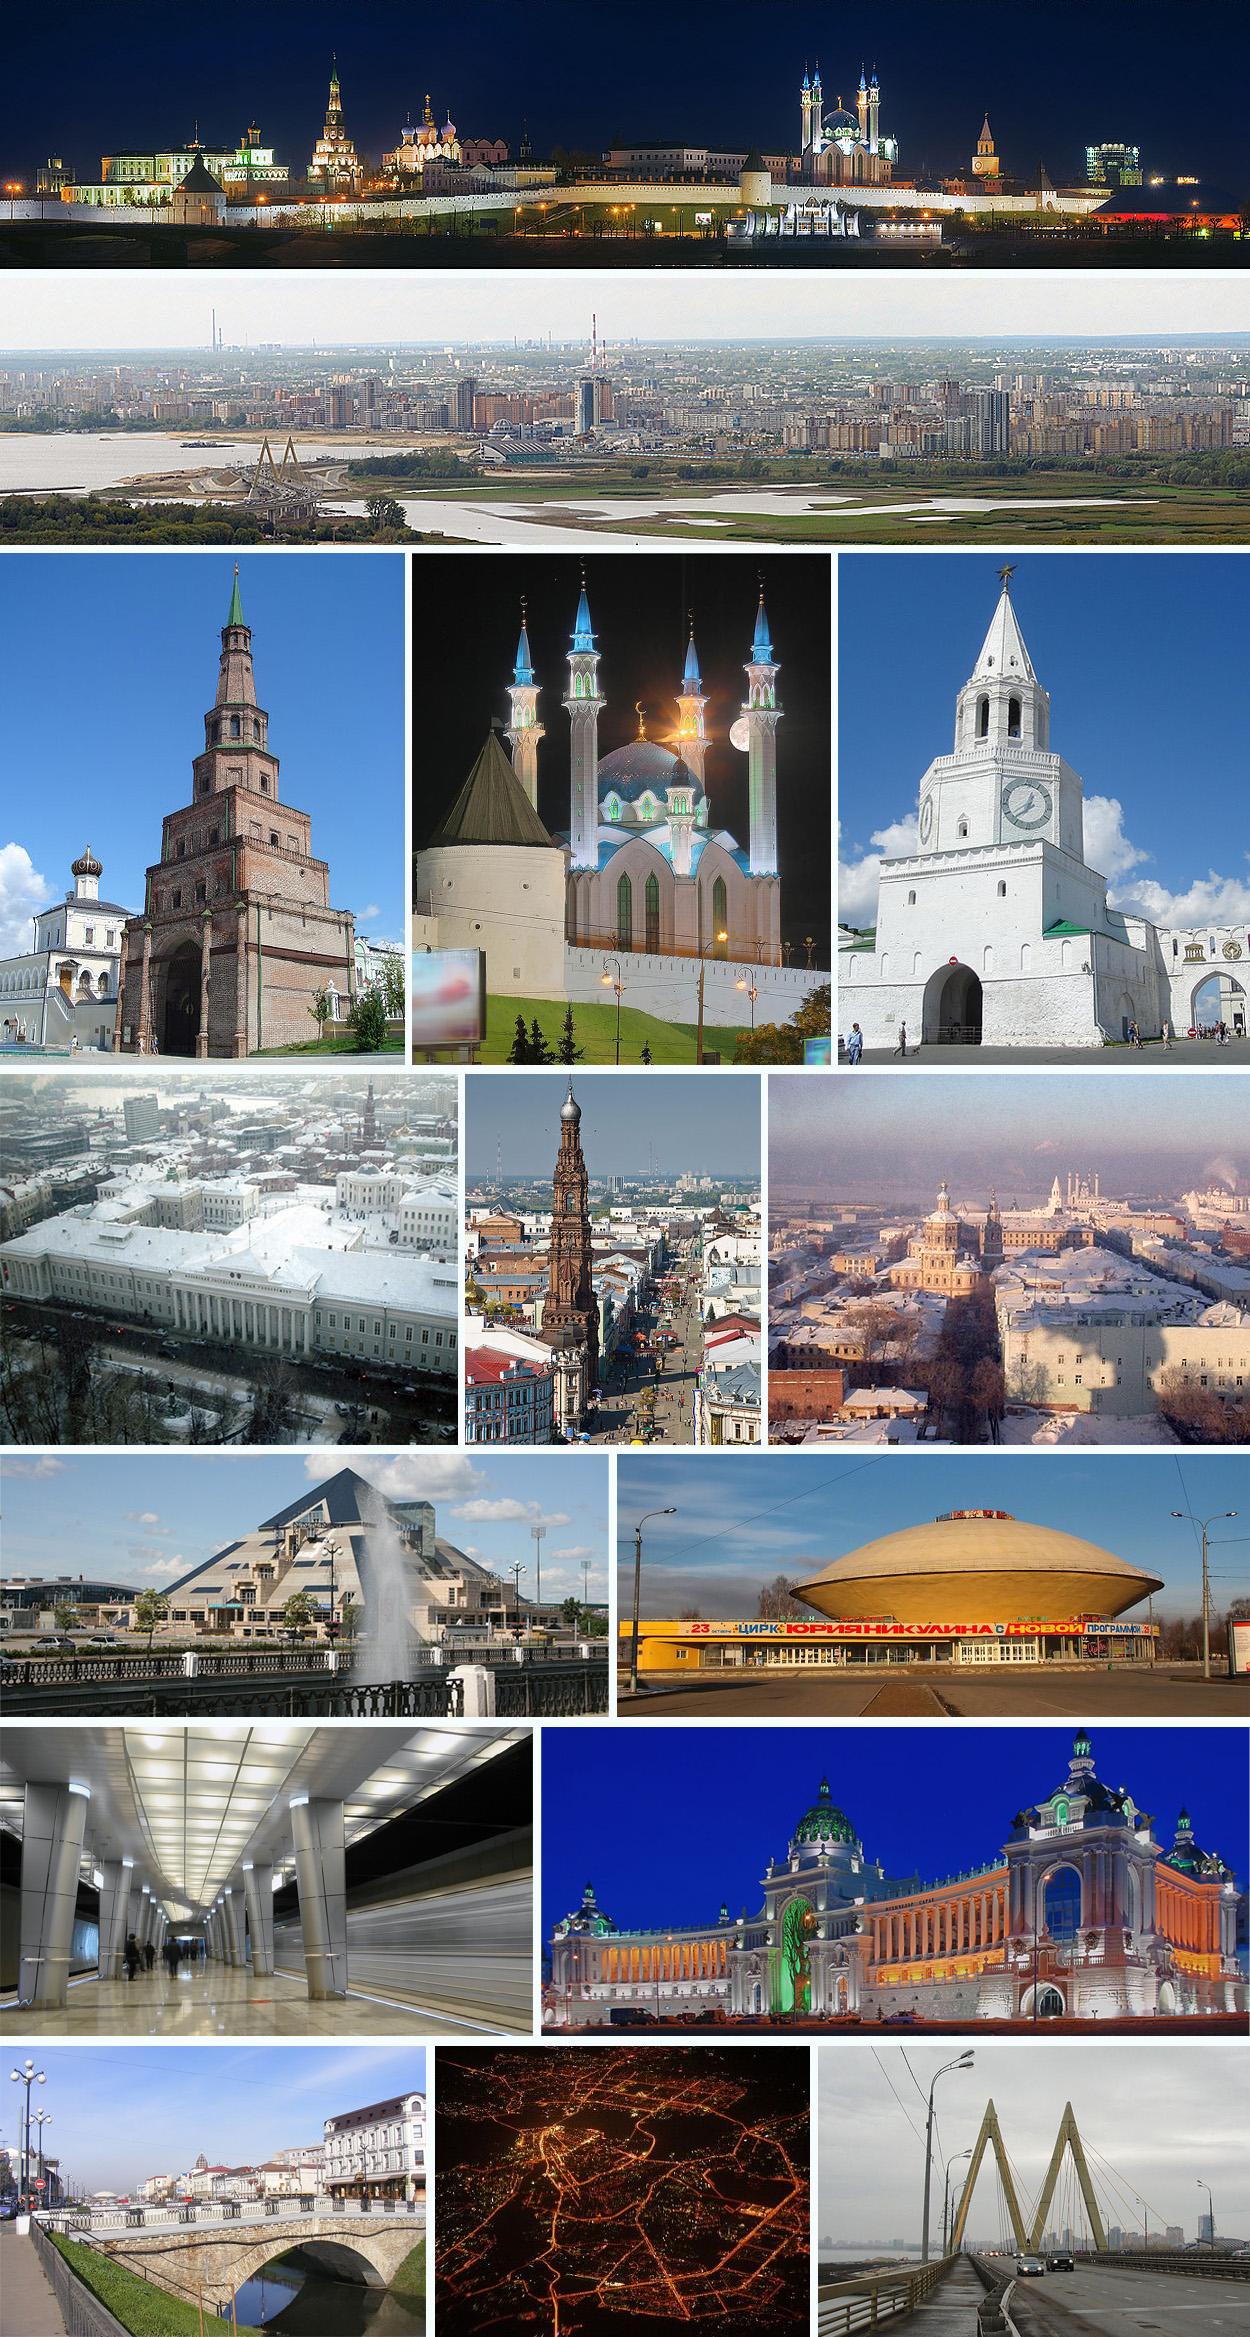 Ivanovo byen, Russland info, historie, attraksjoner, bilder